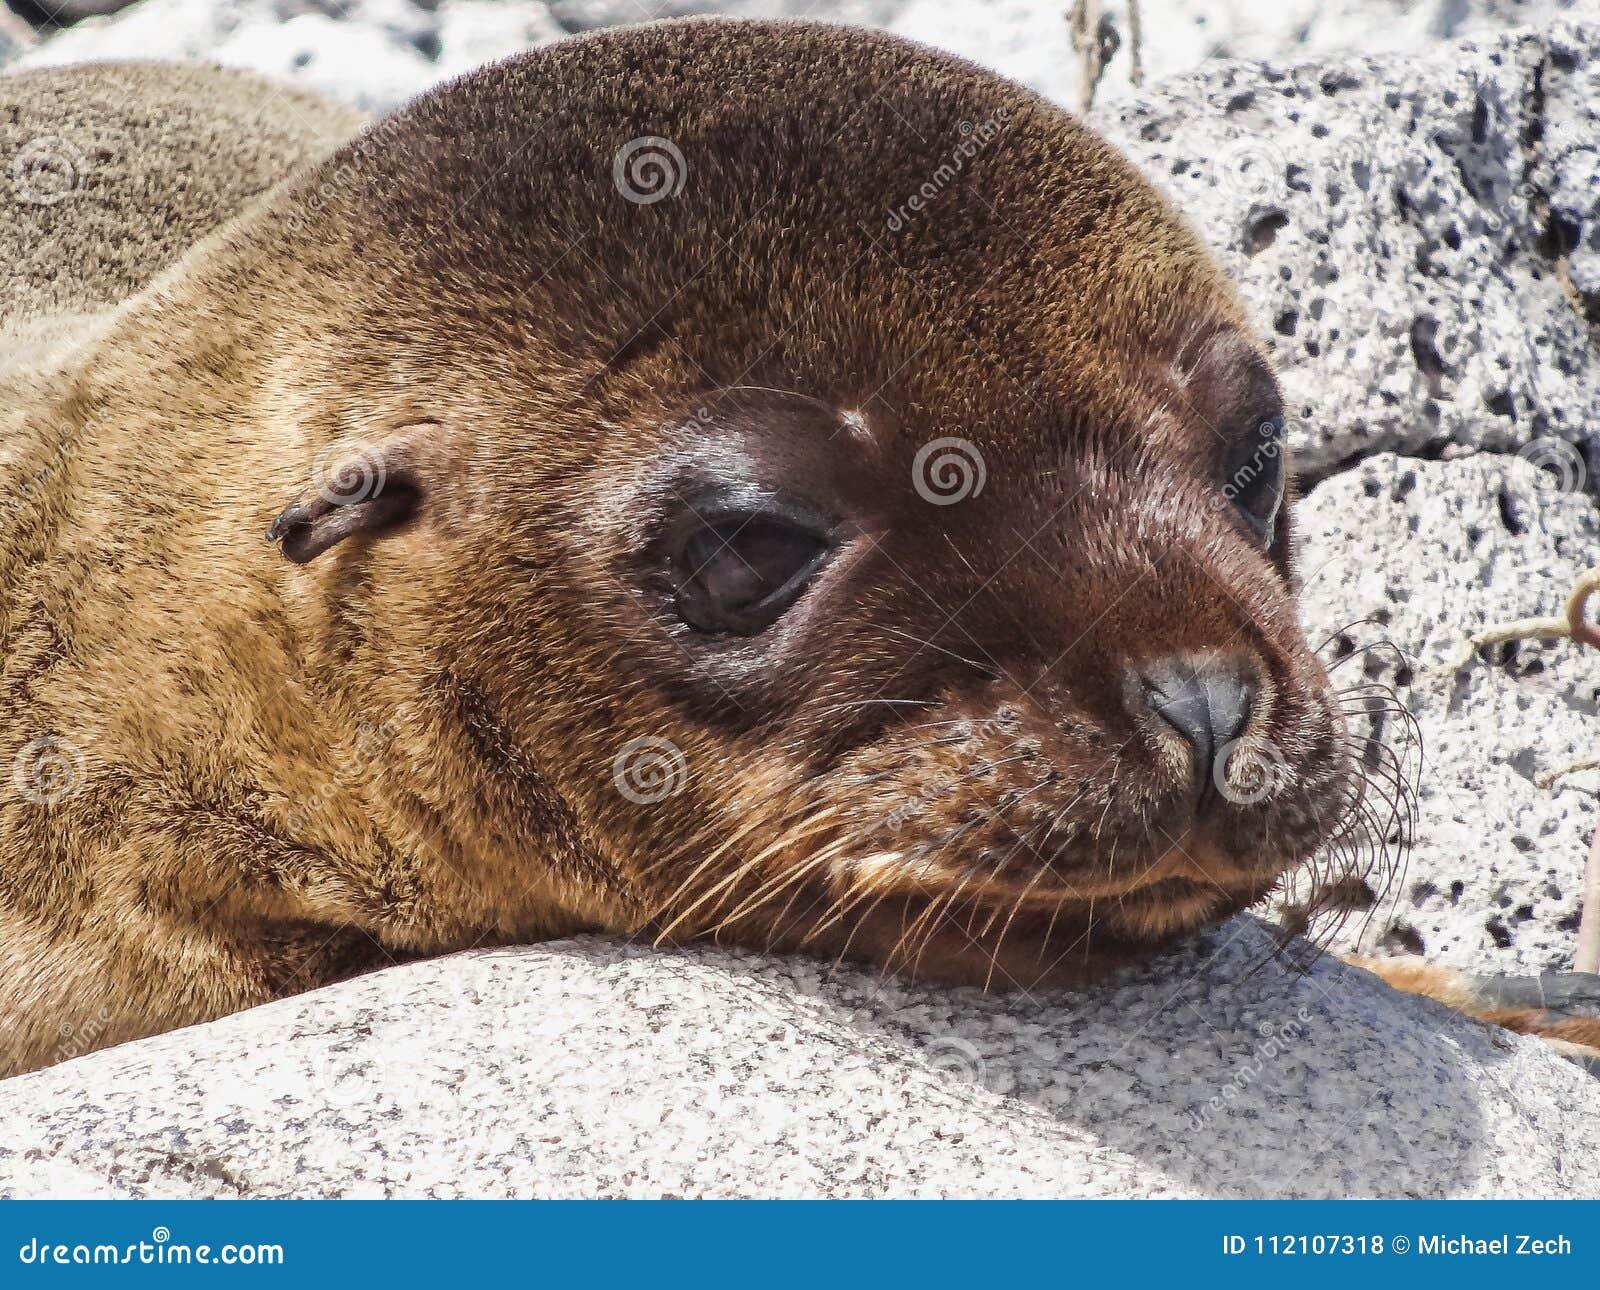 Closeup of a fur seal the galapagos islands ecuador